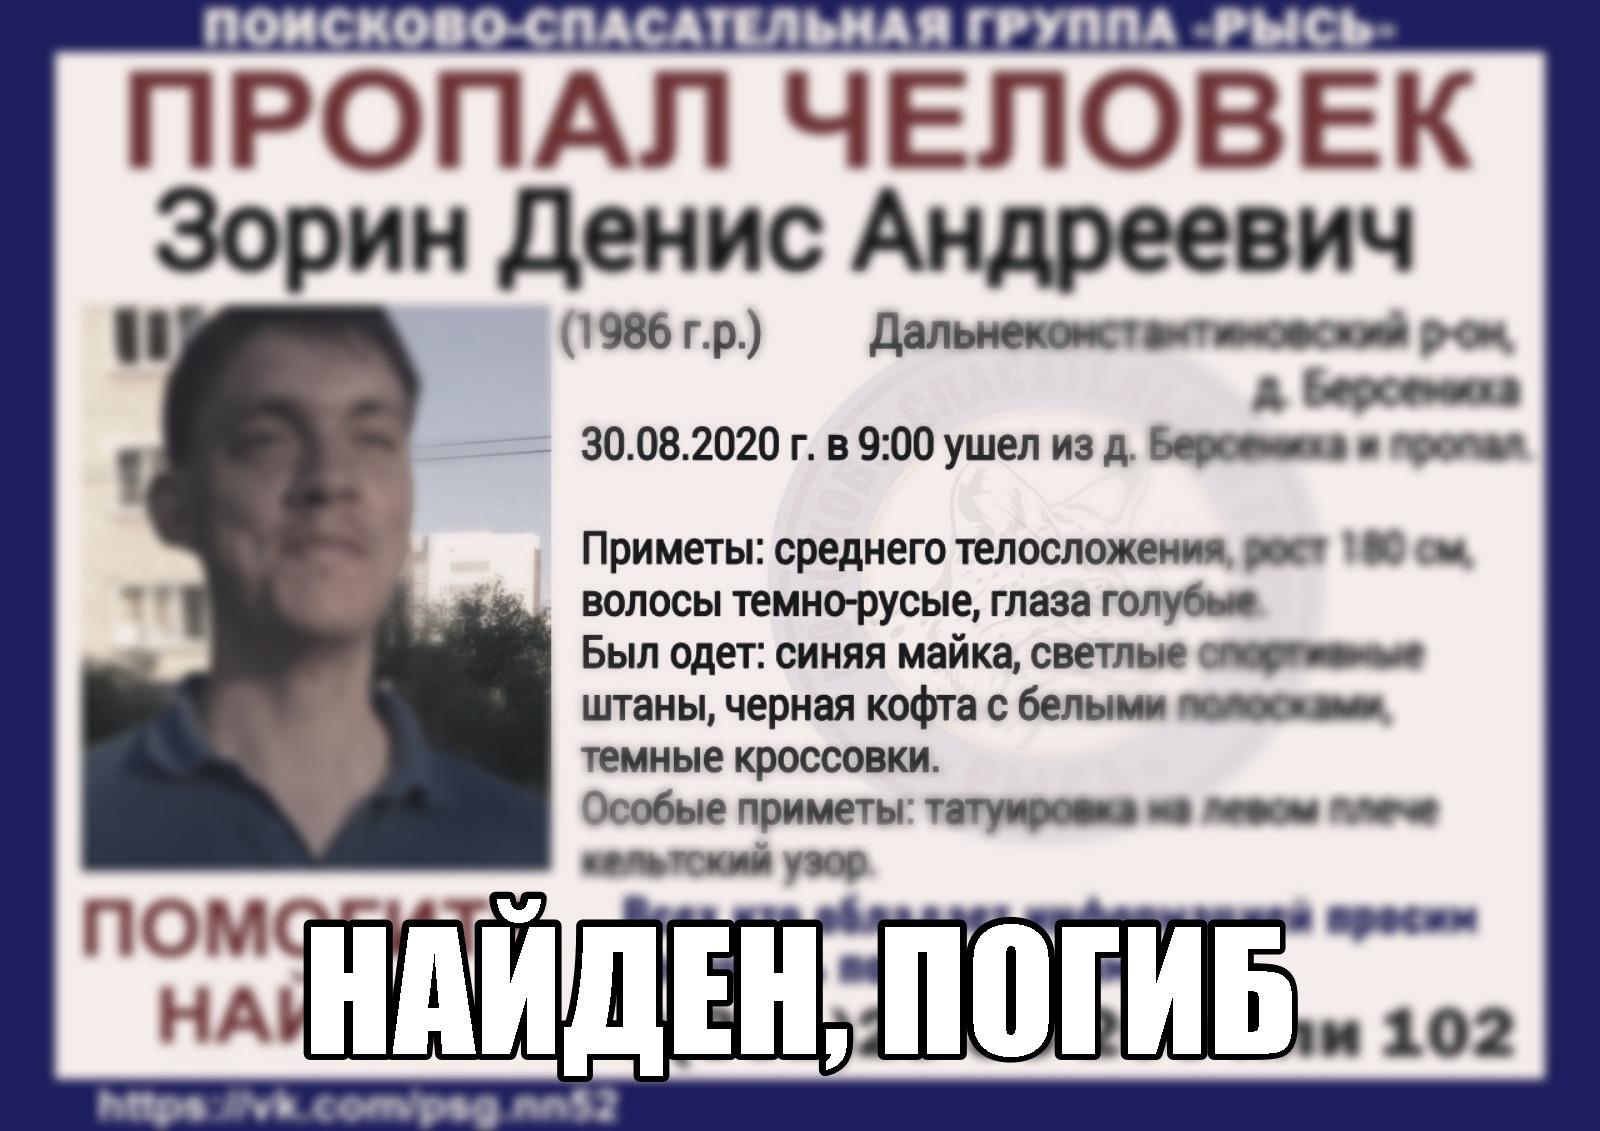 Зорин Денис Андреевич, 1986 г. р., Дальнеконстантиновский р-он, д. Берсениха